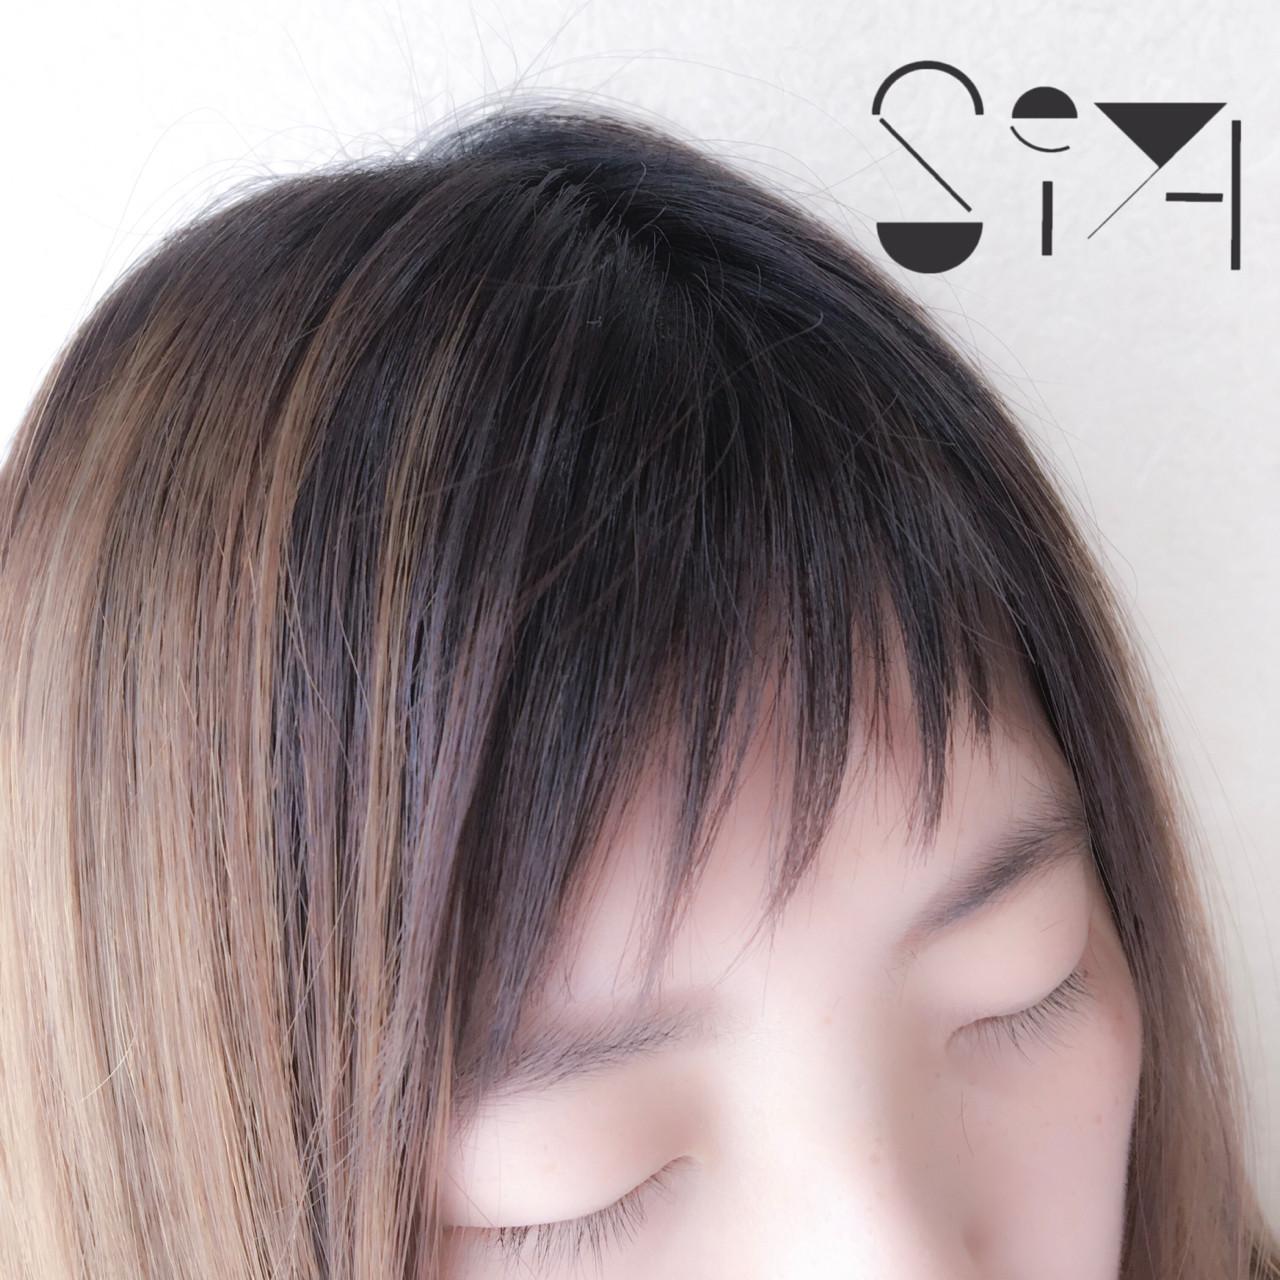 目を閉じた女性の前髪部分をアップした写真